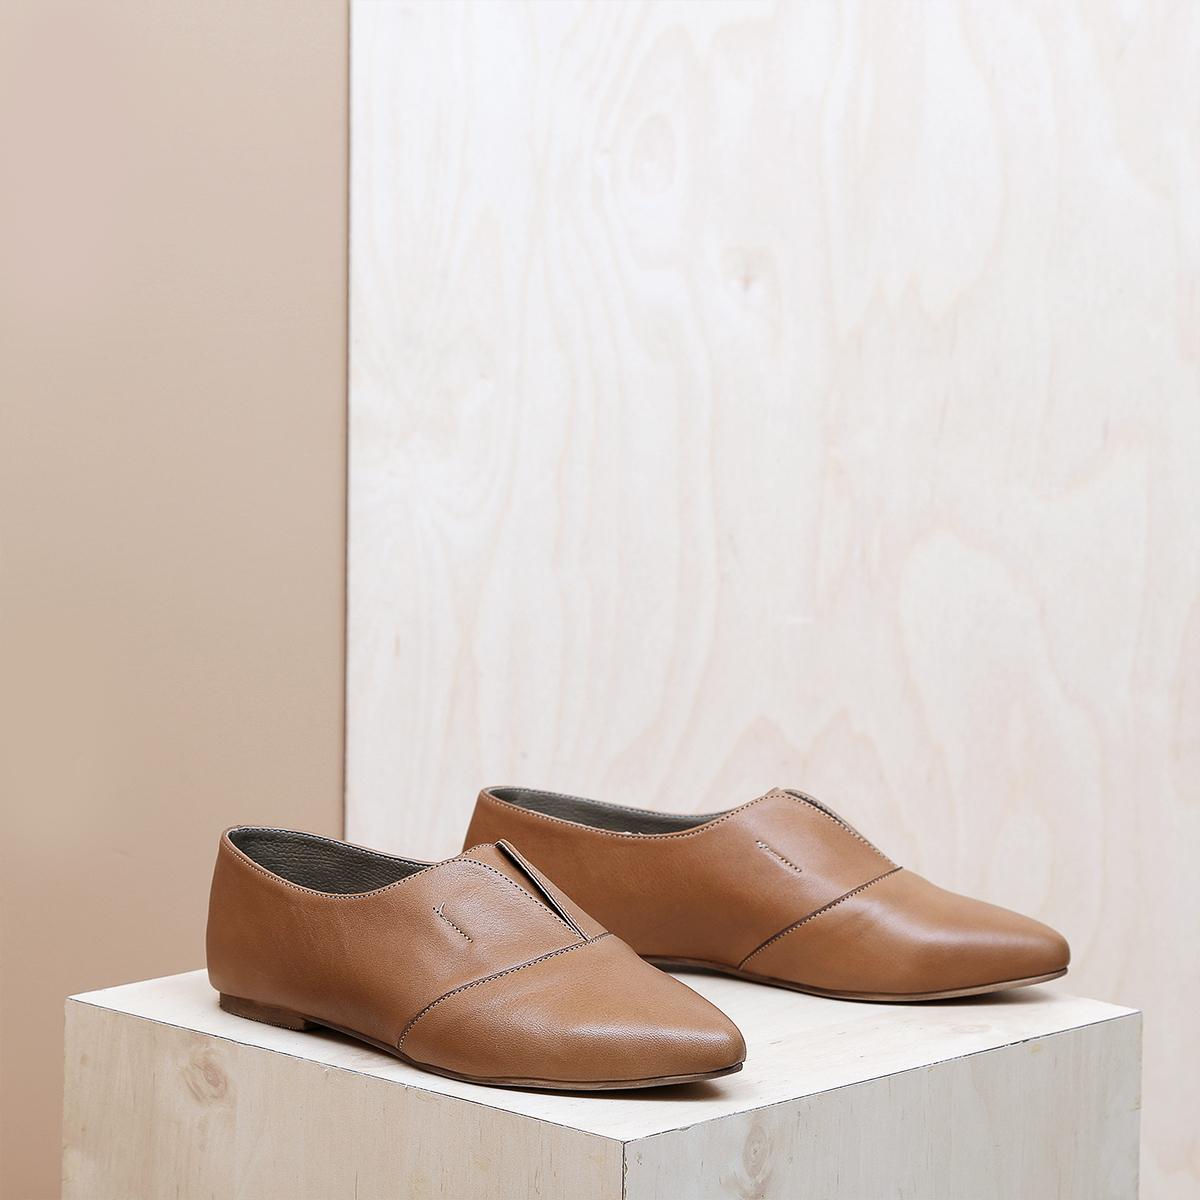 דגם דבלין: נעלי נשים בצבע קאמל